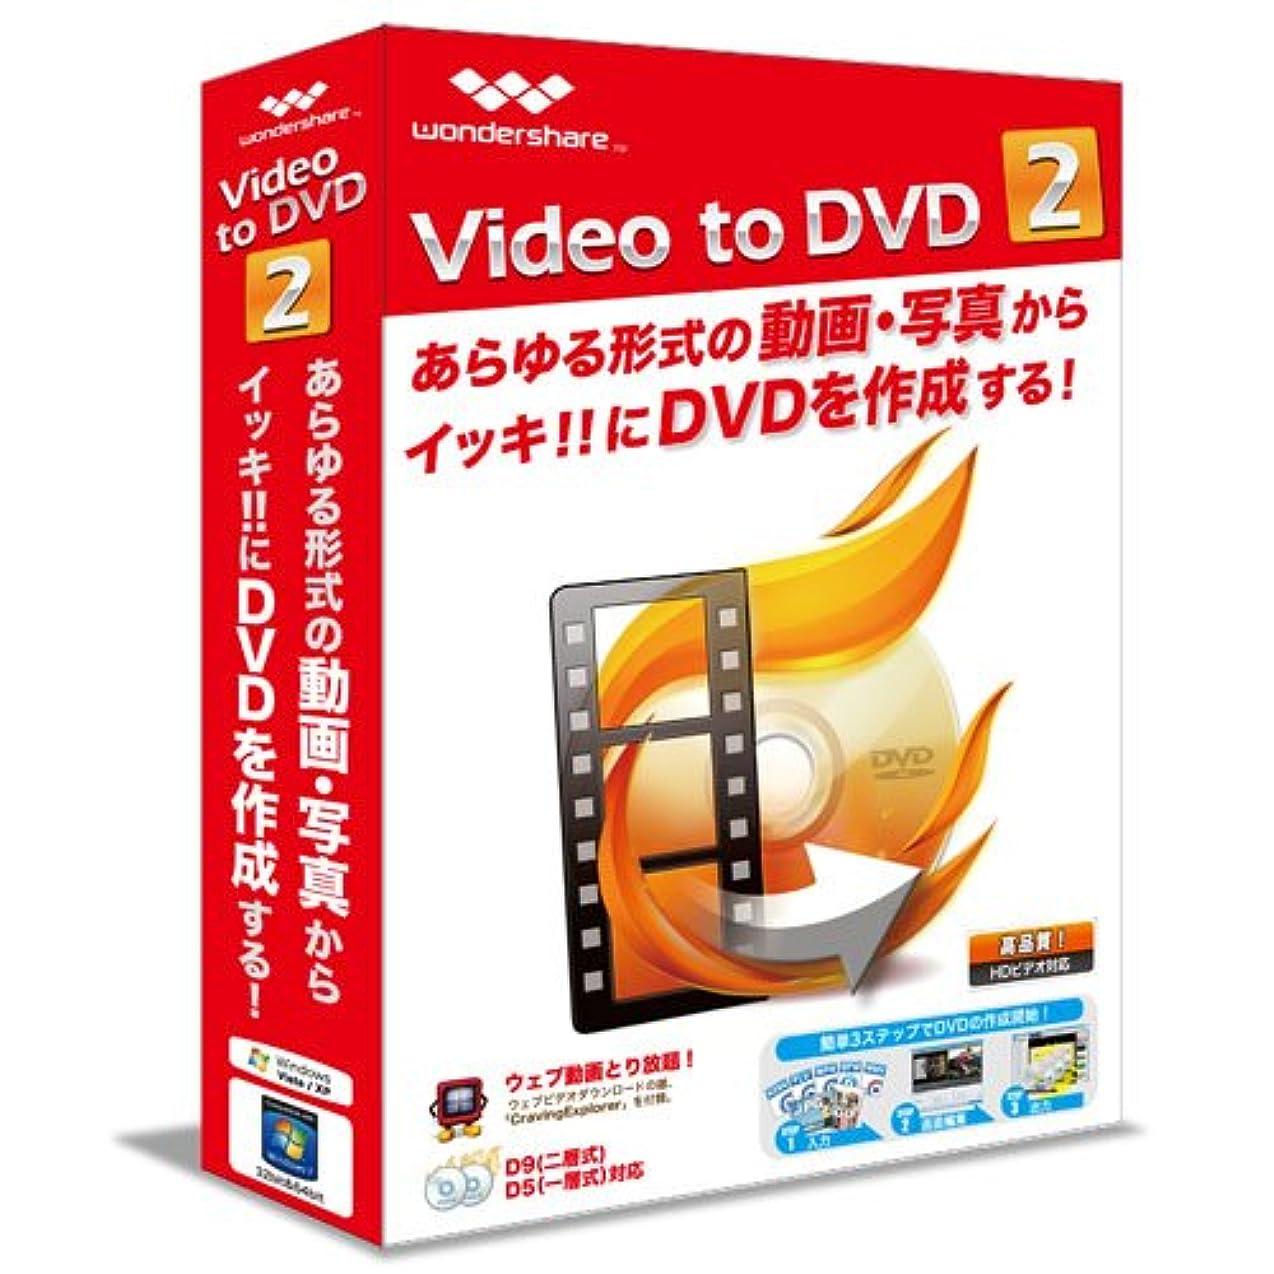 経済下に向けます感染するトランスゲート Video to DVD 2 簡単高品質DVD作成ソフト